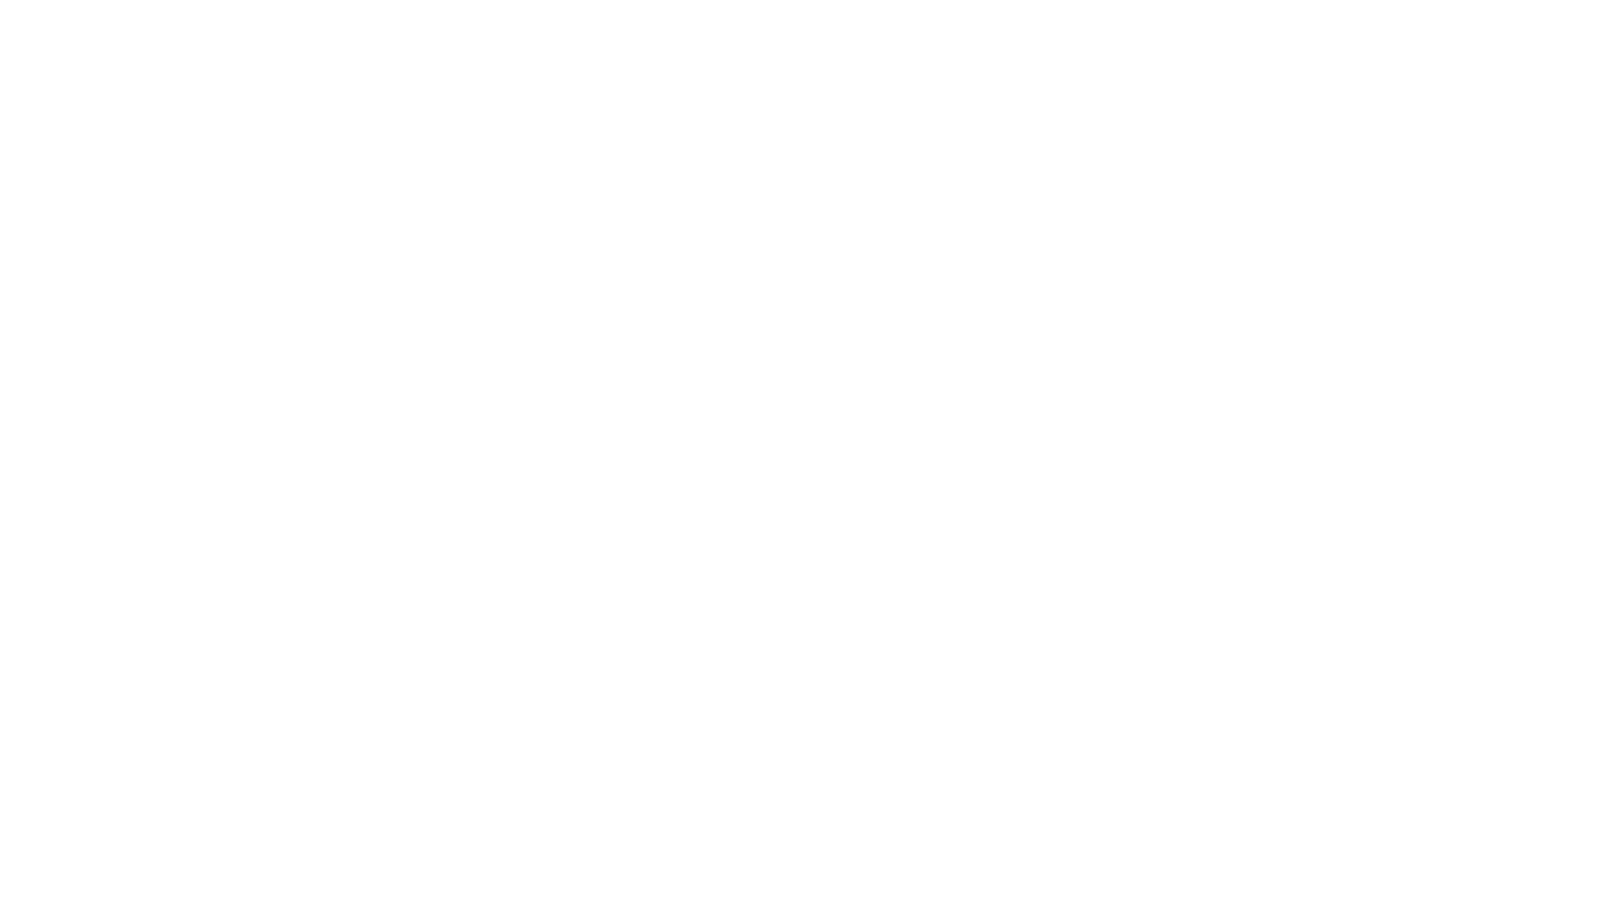 DOT - Data oppijan tukena webinaari  0:00 Webinaarin avaus ja DOT-hankkeen esittely – Anu Konkarikoski  6:27 Analytiikkaan pohjautuvat käytännöt oppitunnin aikana – Miika Rautiainen 16:31 Portfolioiden käyttö ja analytiikka ammatillisella puolella – Hanna Arminen 28:53 Käytössä olevat työkalut – Arja Korpela  http://www.dothanke.fi/data-oppijan-tukena-webinaari-27-4-2021/  http://www.dothanke.fi/